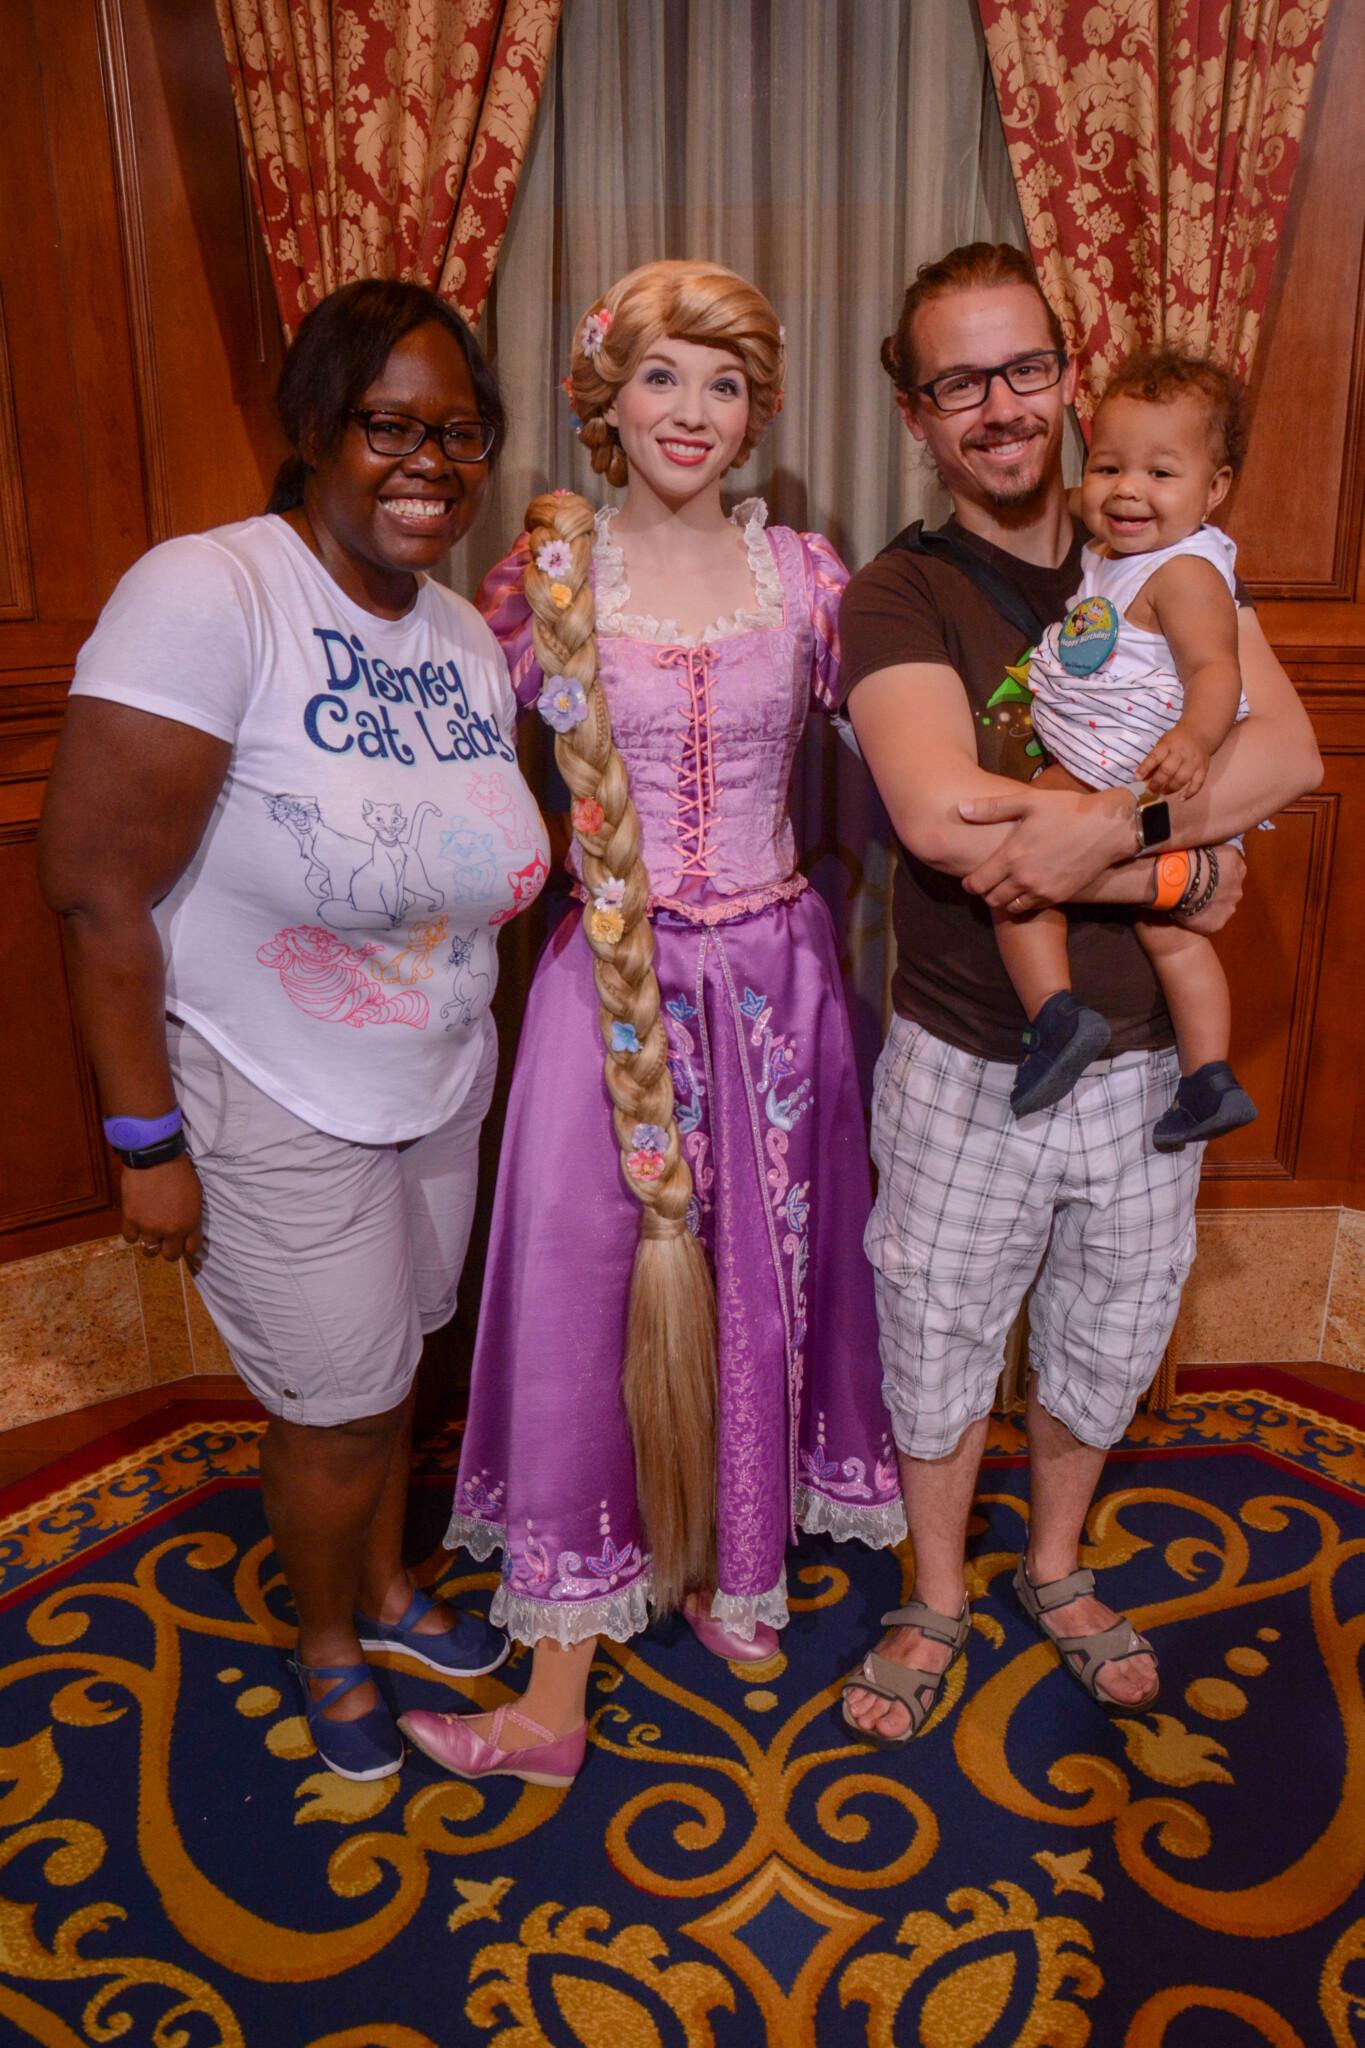 2 semaines en Floride avec un bébé de 1 an - Séjour du 2 au 16 mai 2019 DCL + WDW - Page 15 Caecf4ca-4183-4772-92d8-ea699d9a8cfb-1365x2048